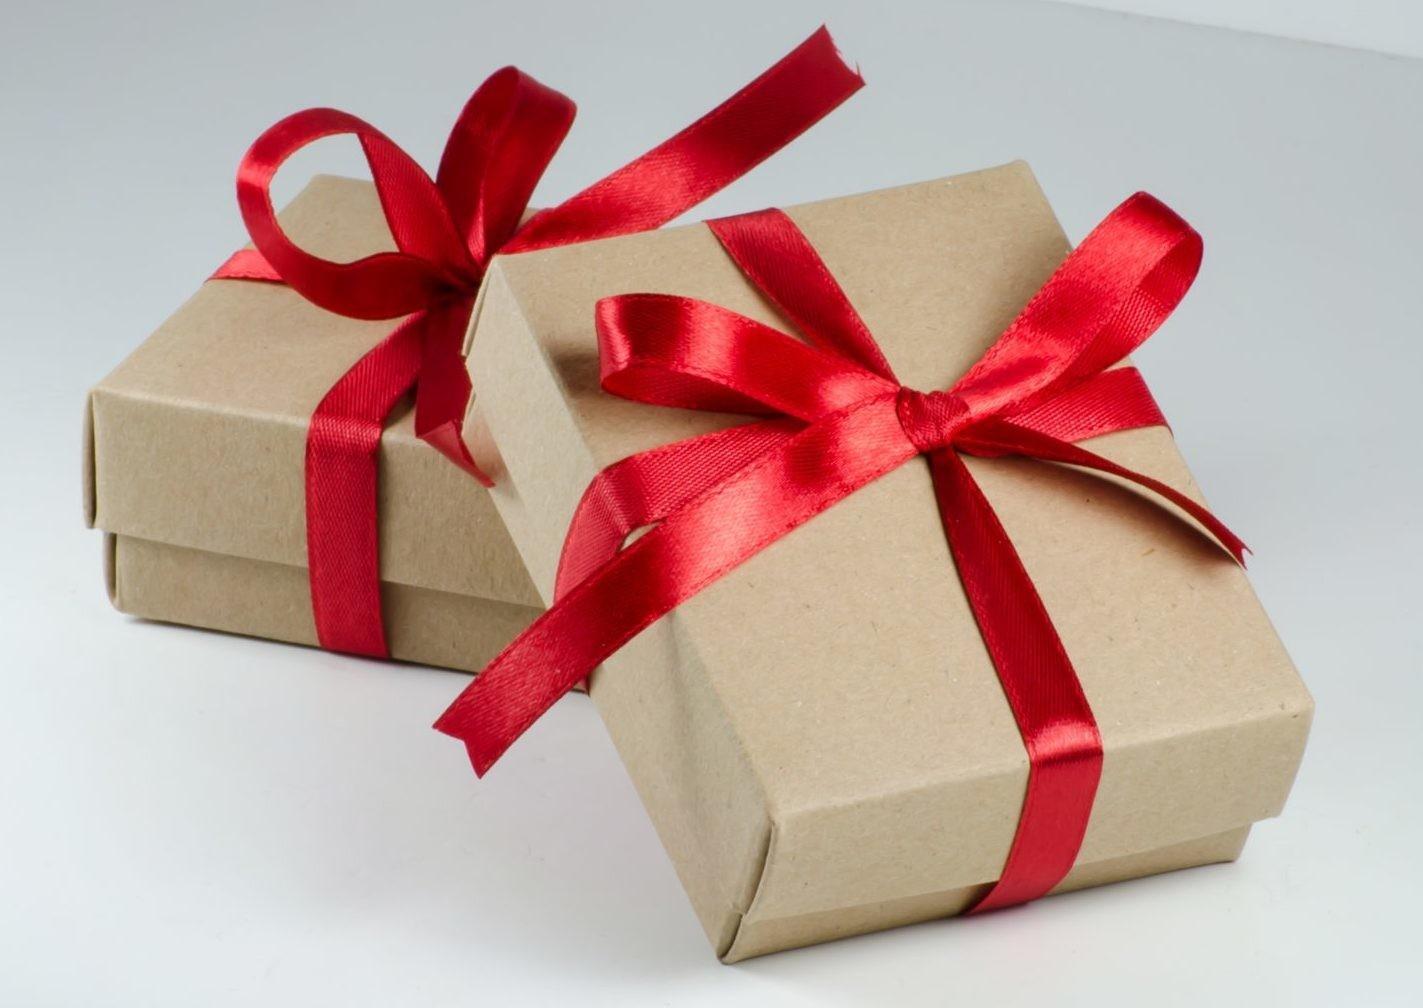 Как купить подарок, если у вас пустой кошелек?